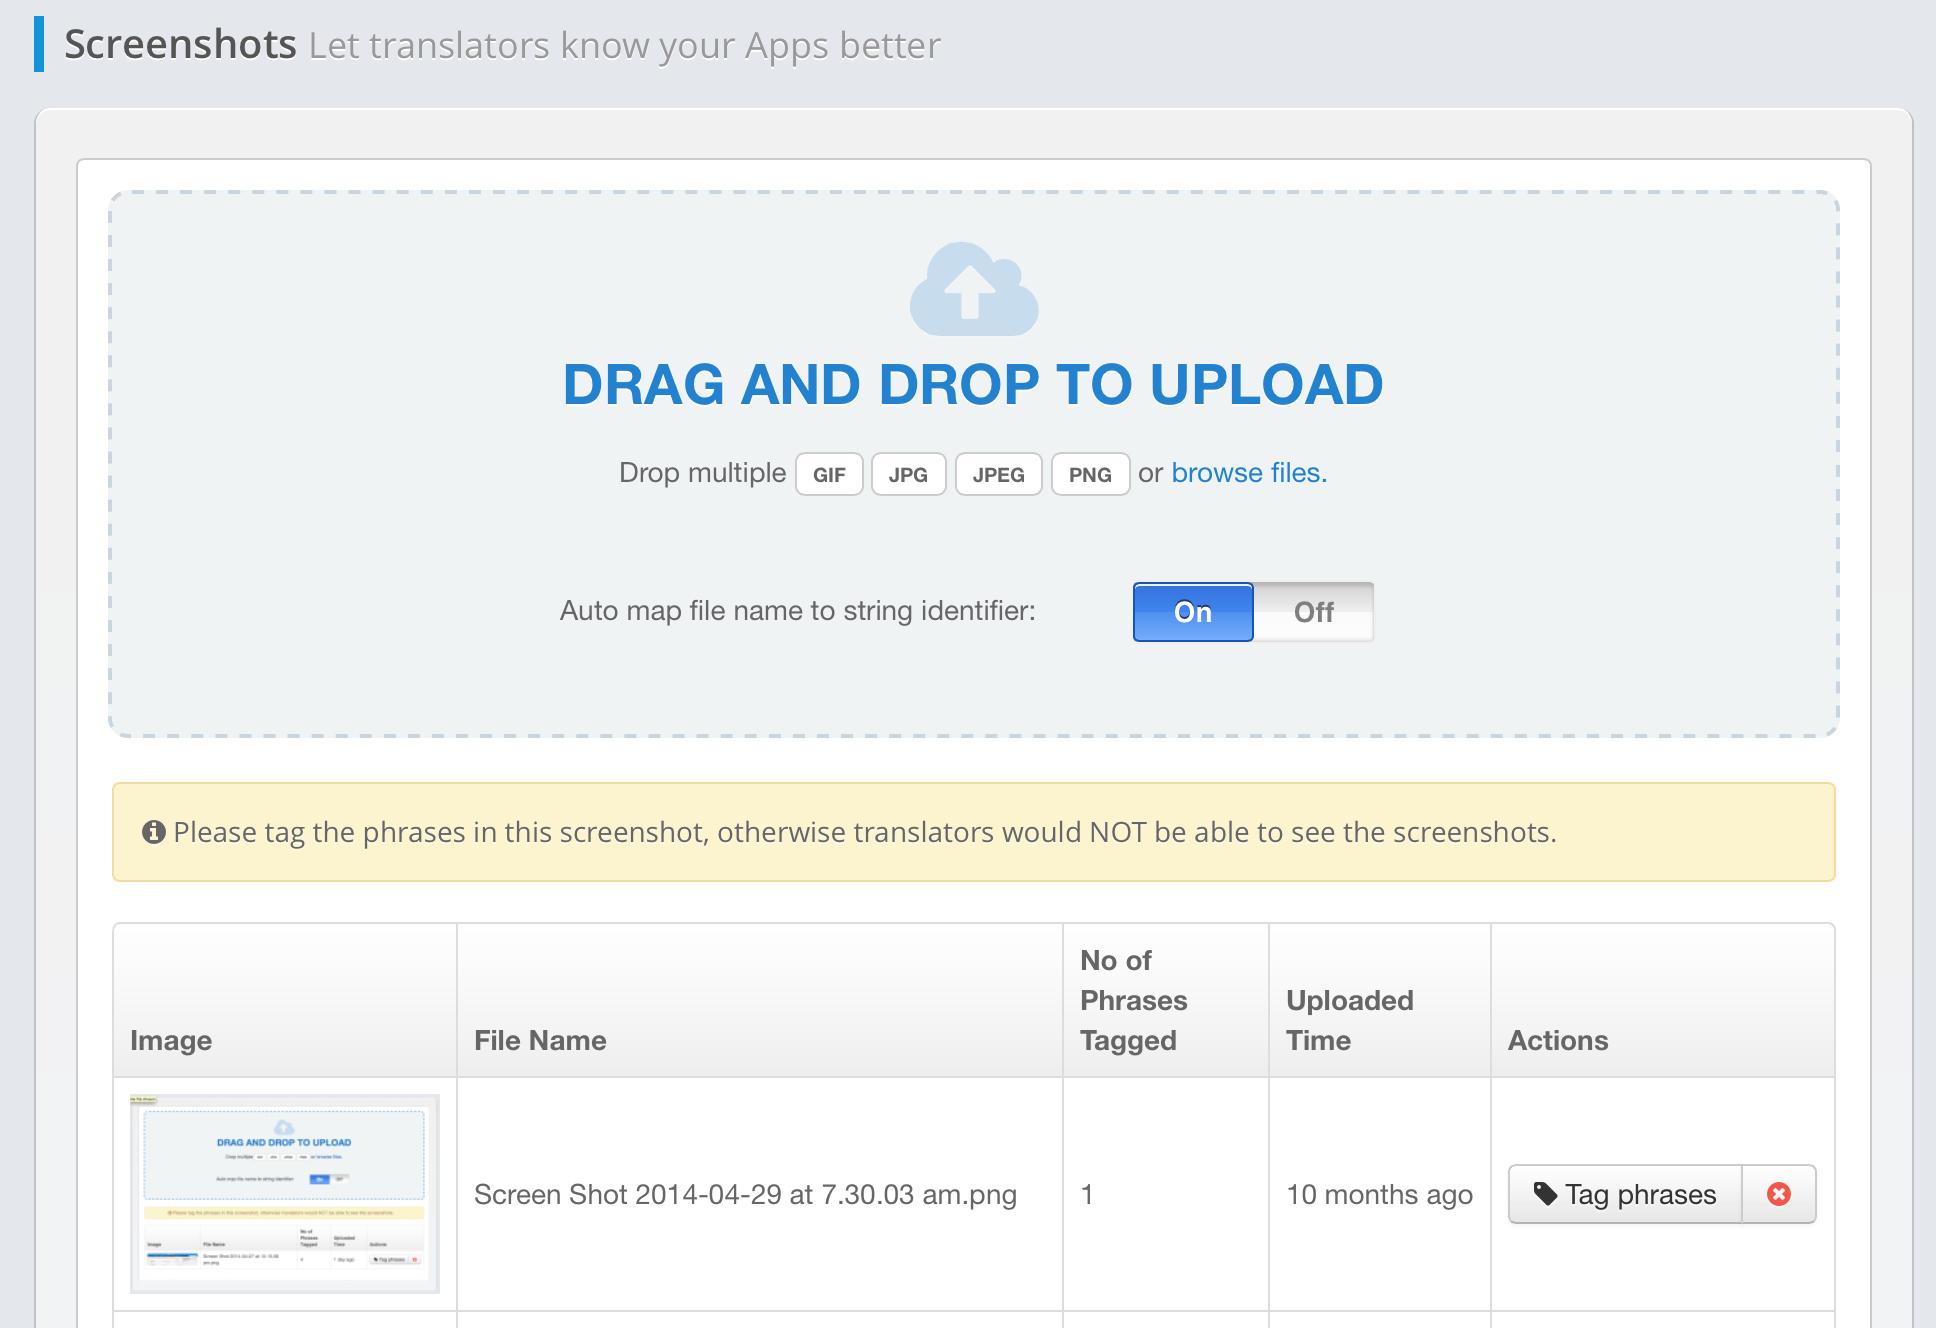 translate_onesky_-_streamlined_translation_platform_for_sites___apps_-_onesky_translation_center